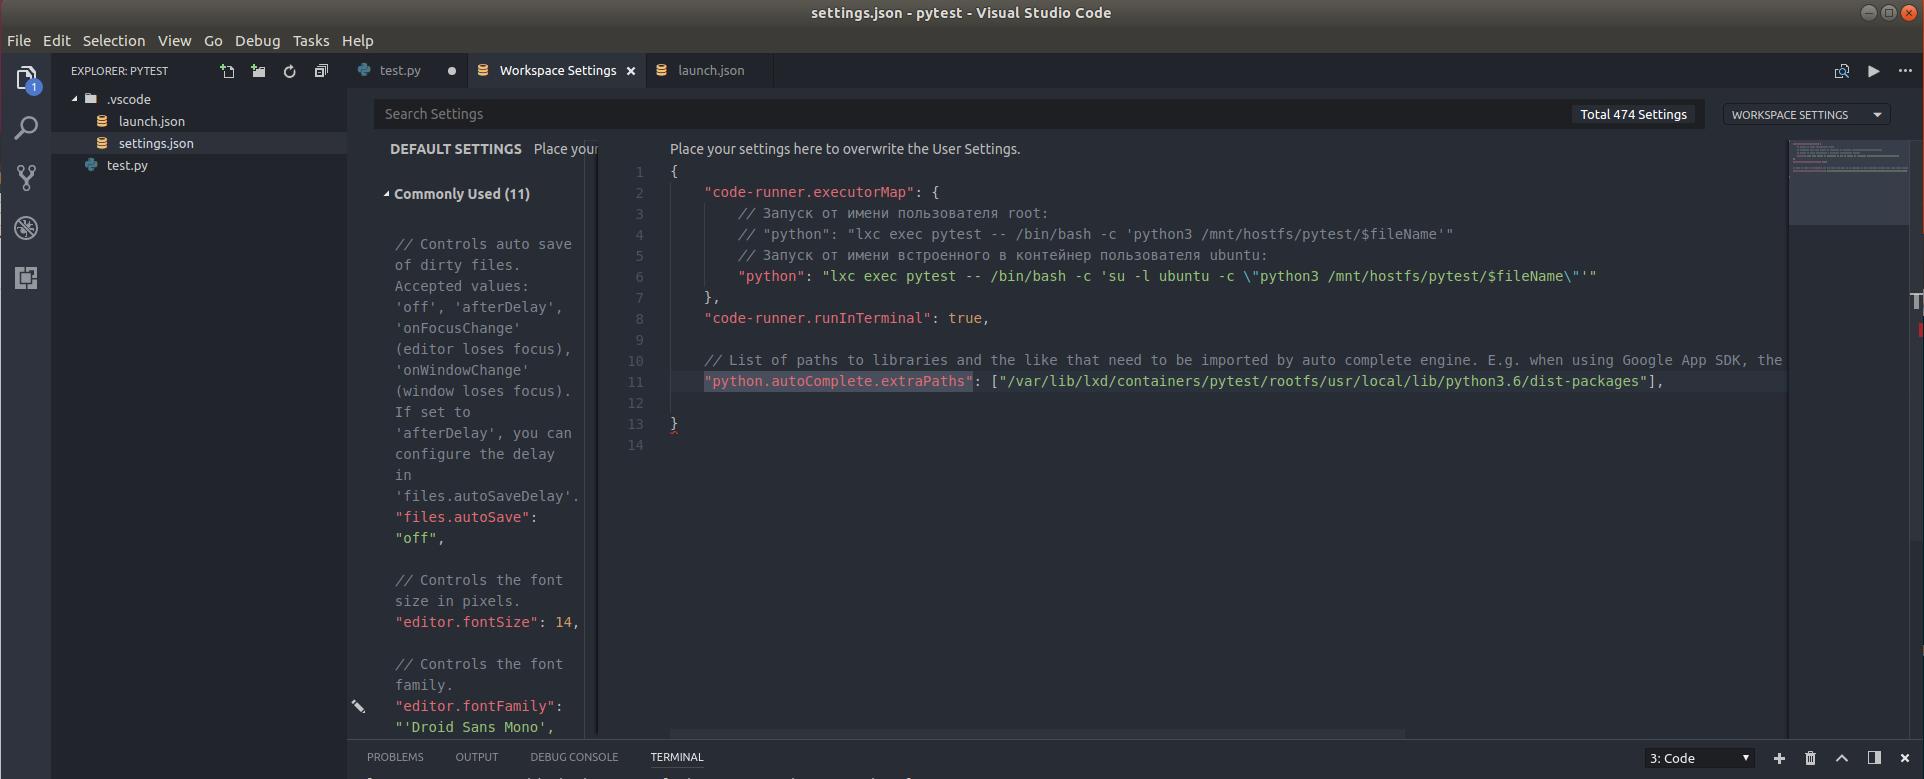 Запуск/отладка Python скриптов в контейнерах LXC/LXD из под